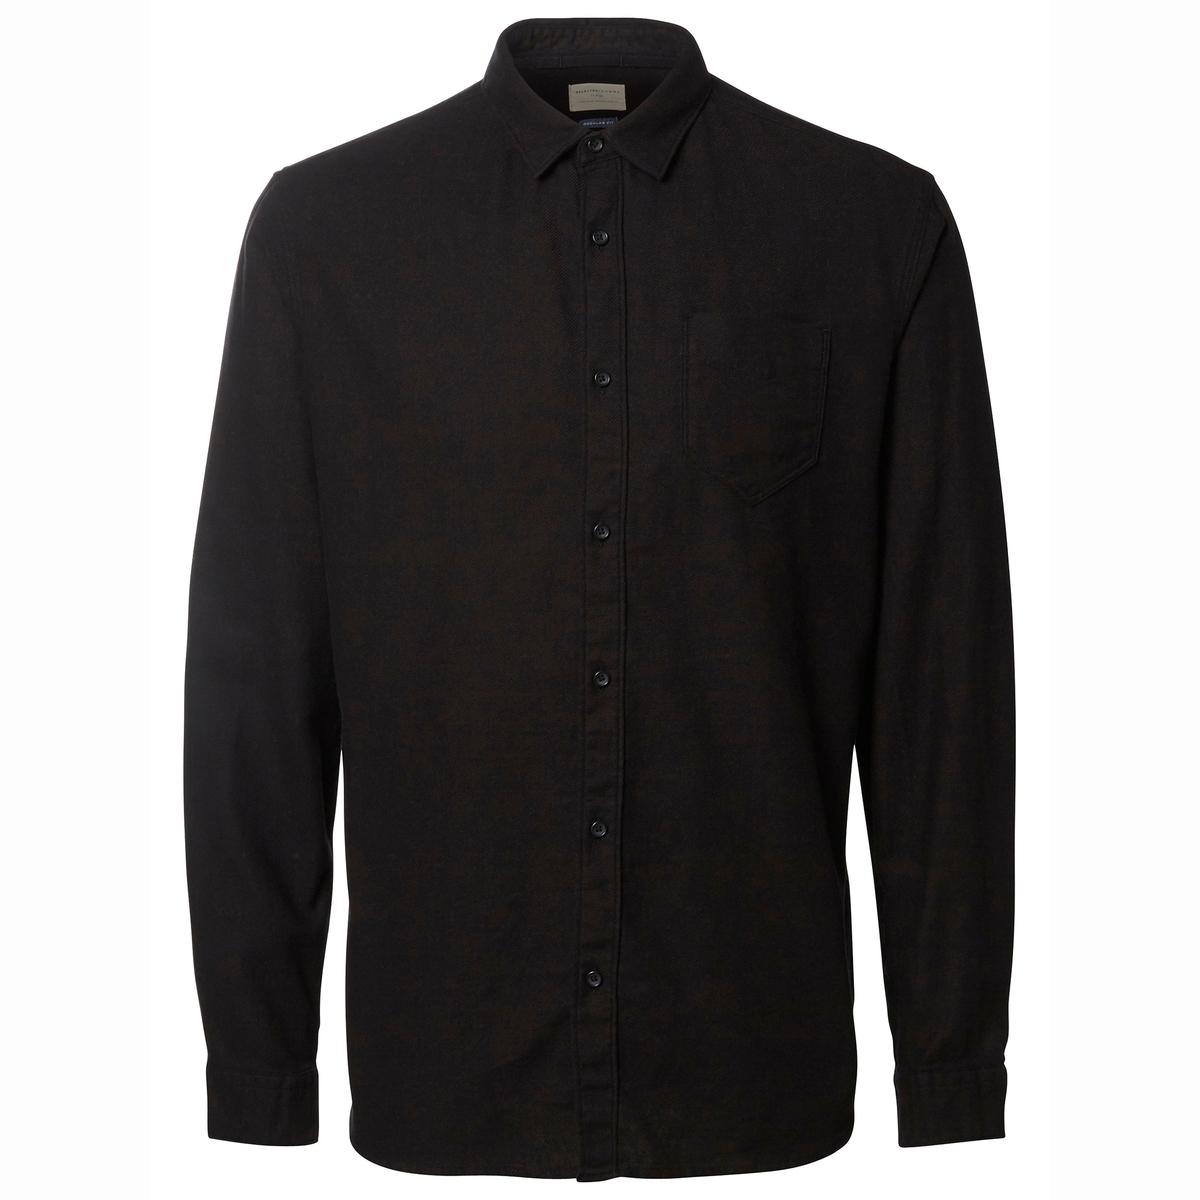 Рубашка  с длинными рукавами WokenСостав и описание:Материал: 100% хлопка.Марка: SELECTED HOMME.<br><br>Цвет: черный<br>Размер: M